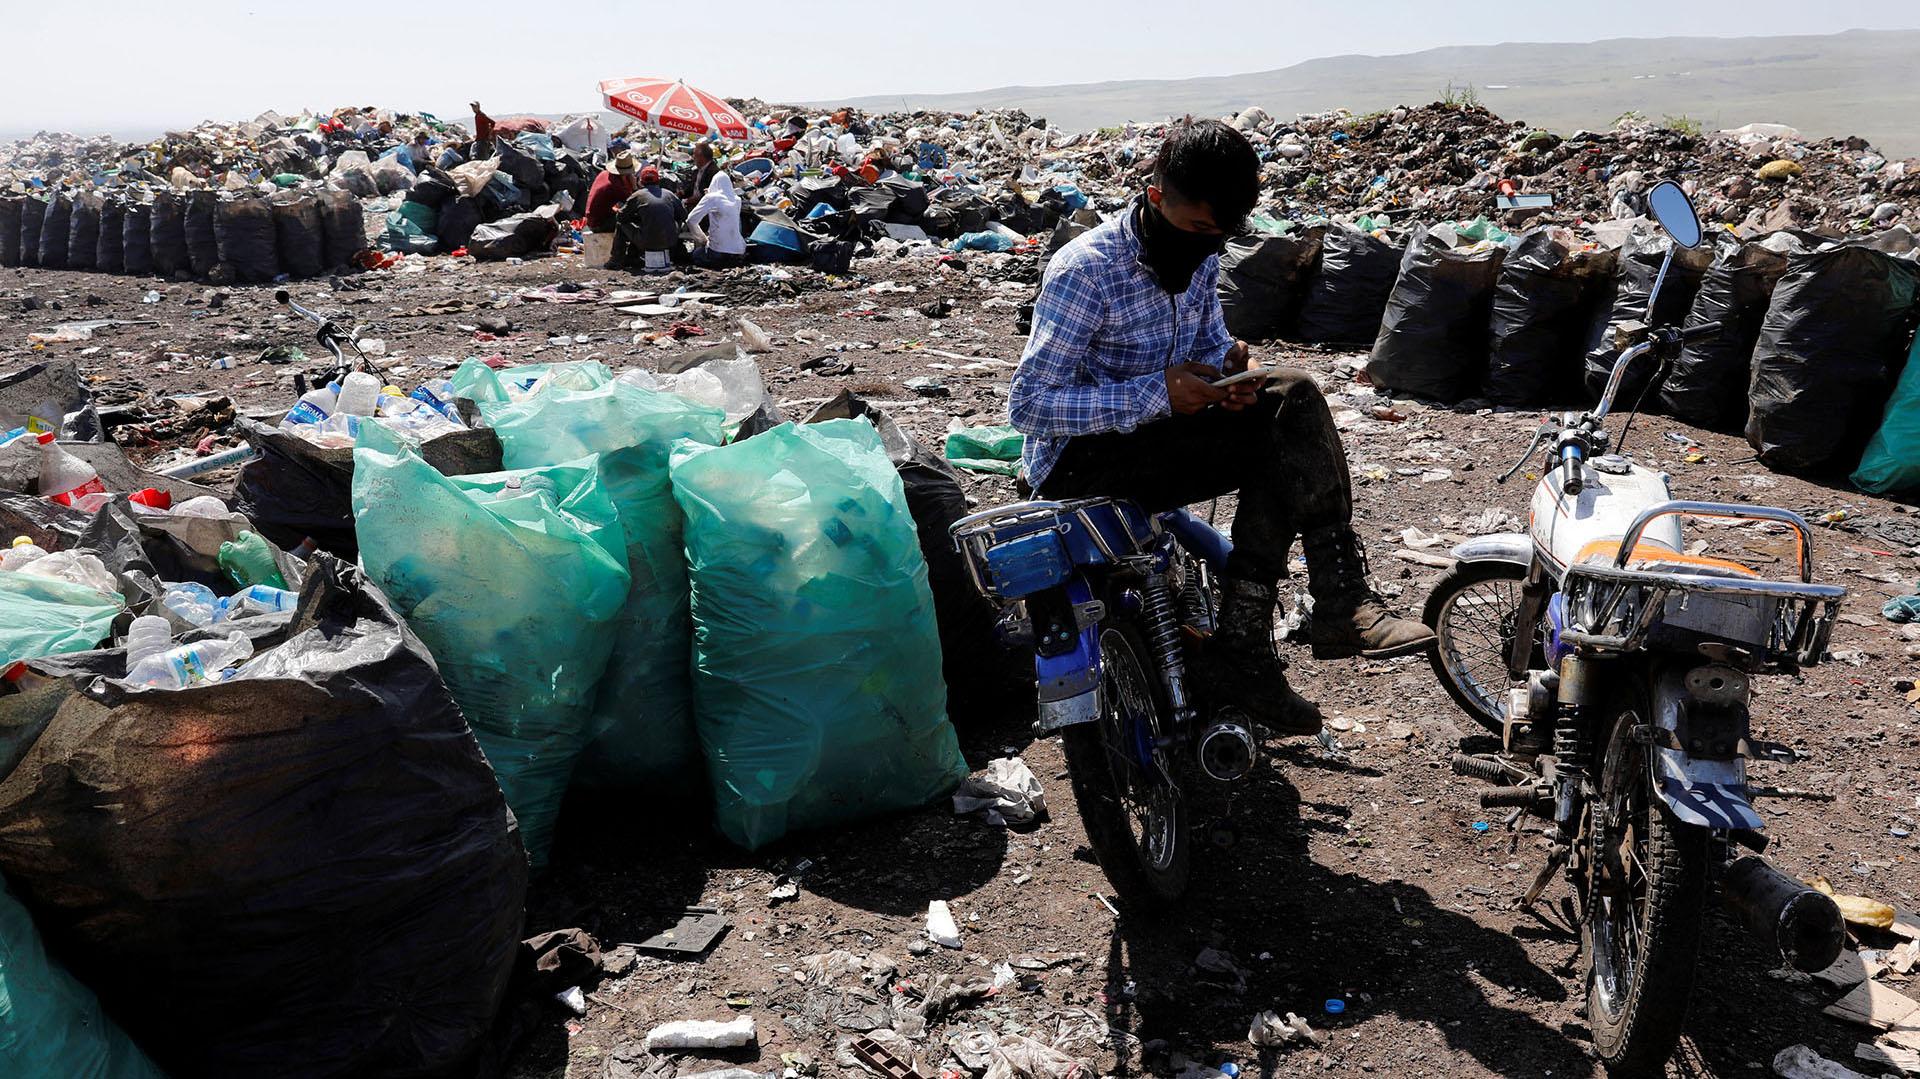 Un recolector de basura descansa en su bicicletaen un vertedero de Diyarbakir, Turquía (REUTERS/Umit Bektas)